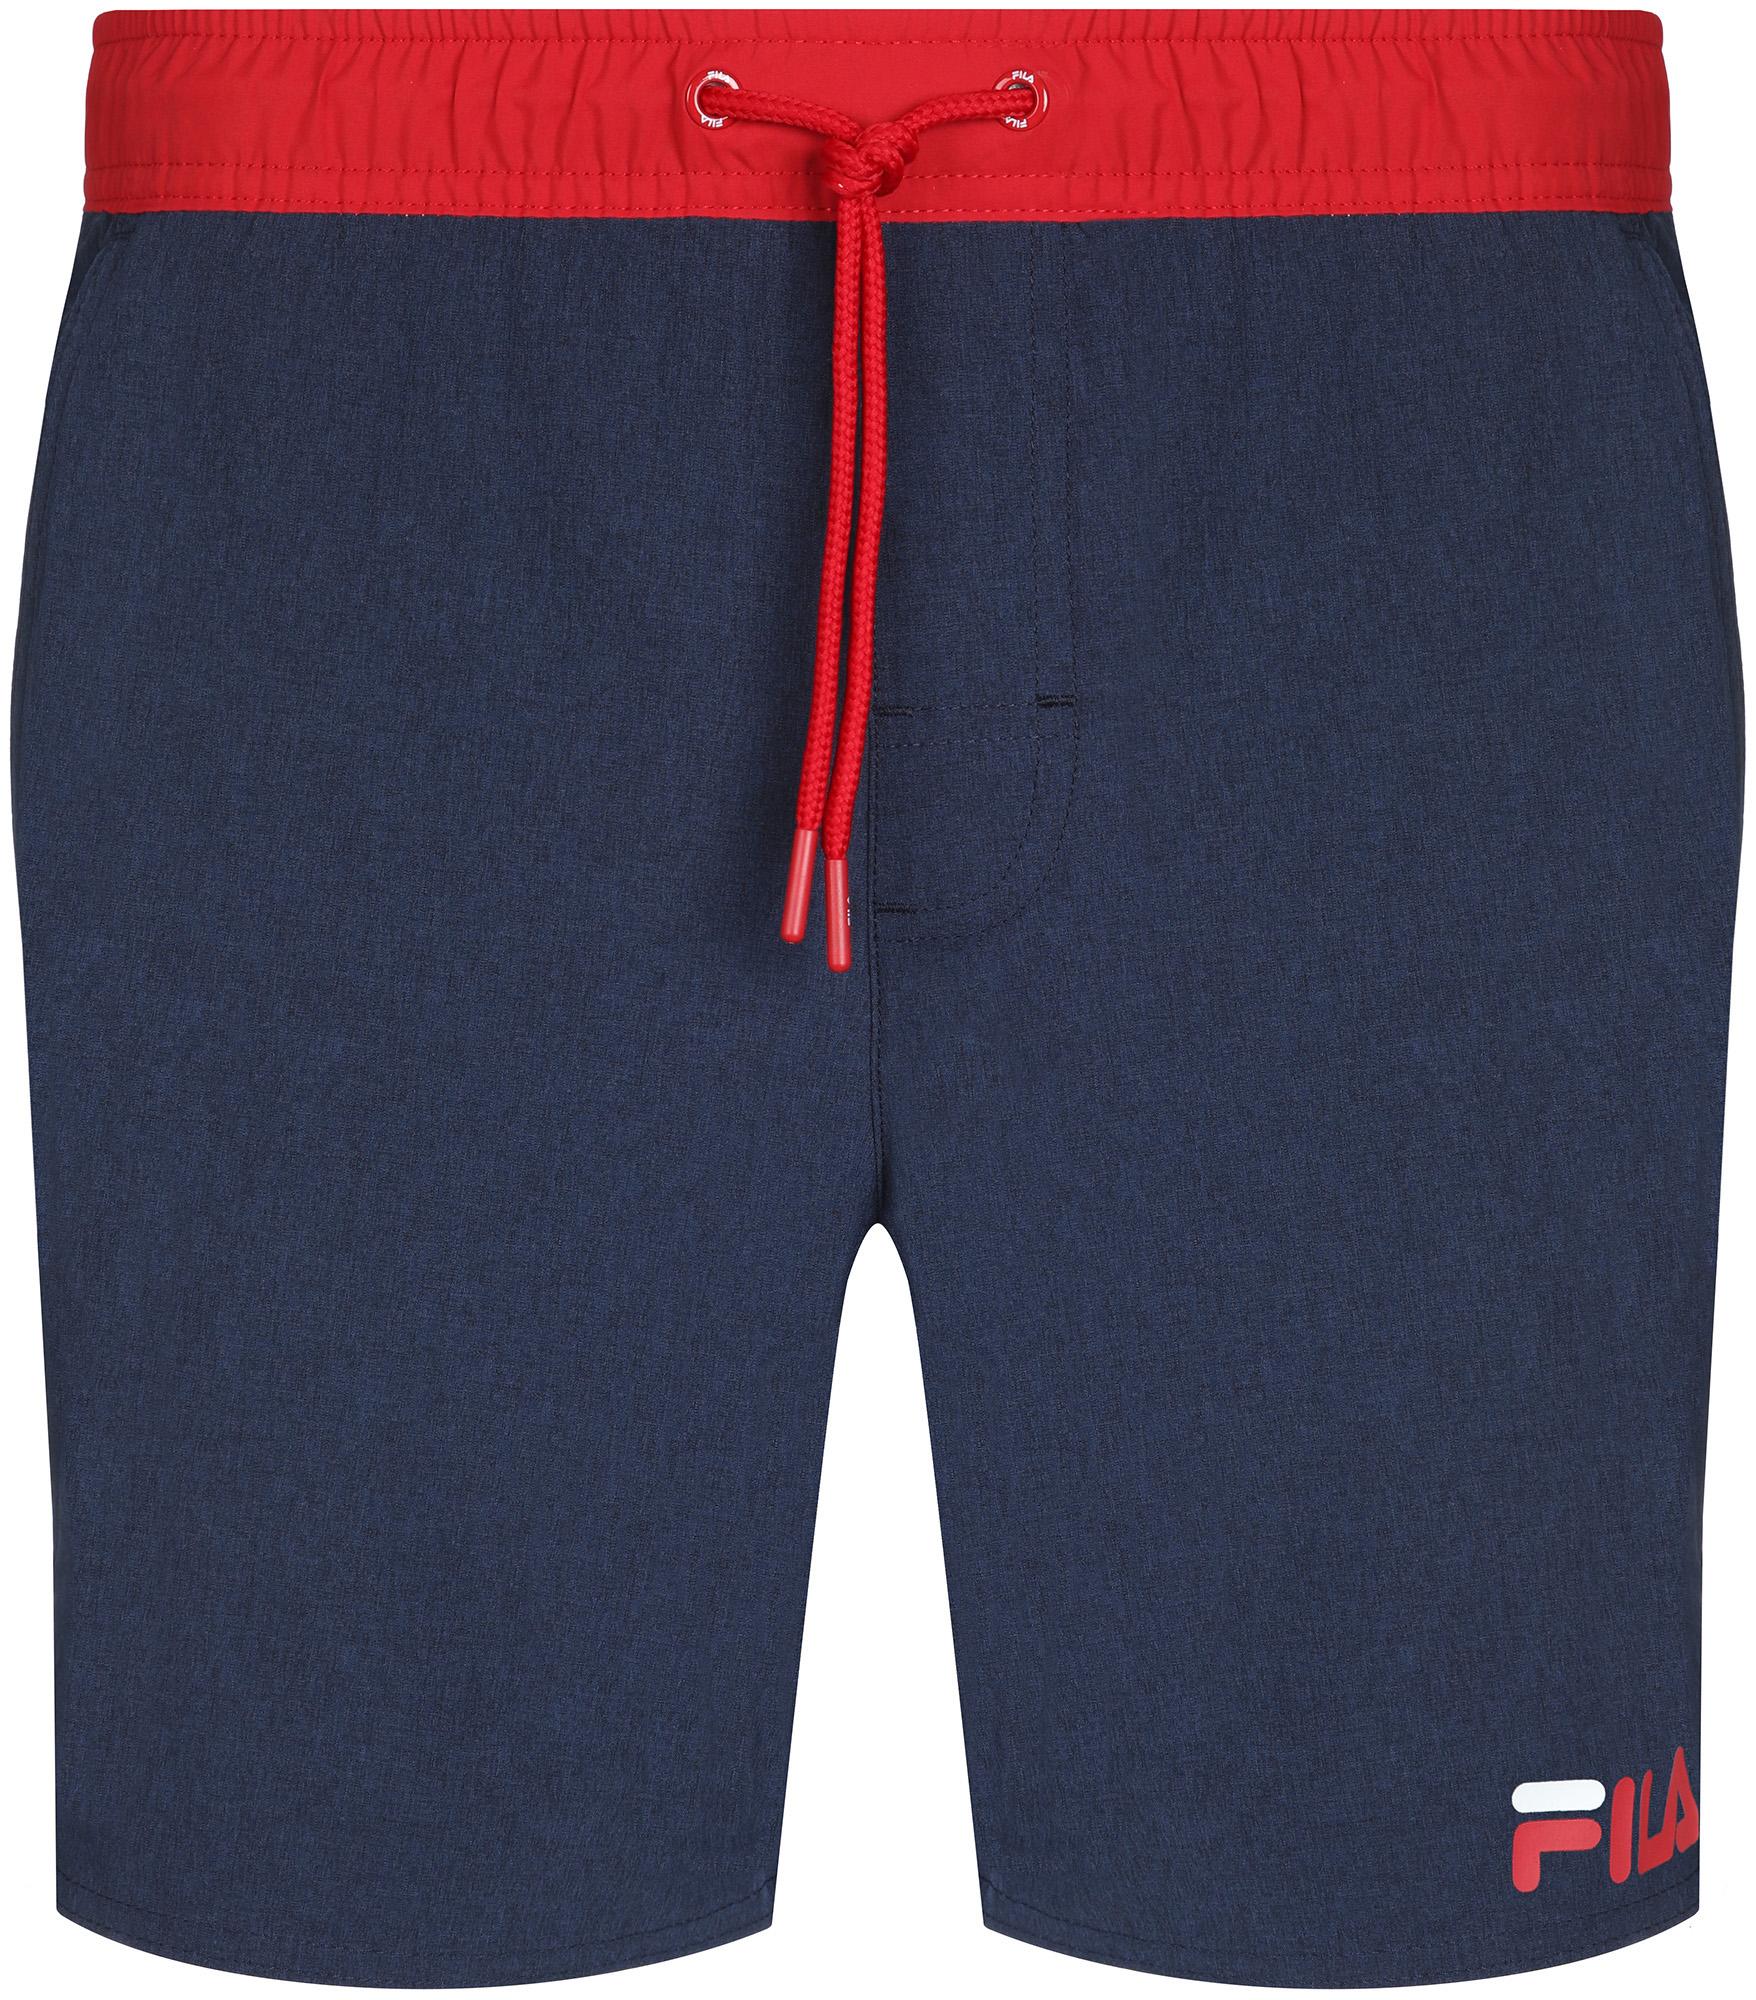 Фото - FILA Шорты плавательные мужские FILA, размер 50 fila шорты плавательные для мальчиков fila размер 164